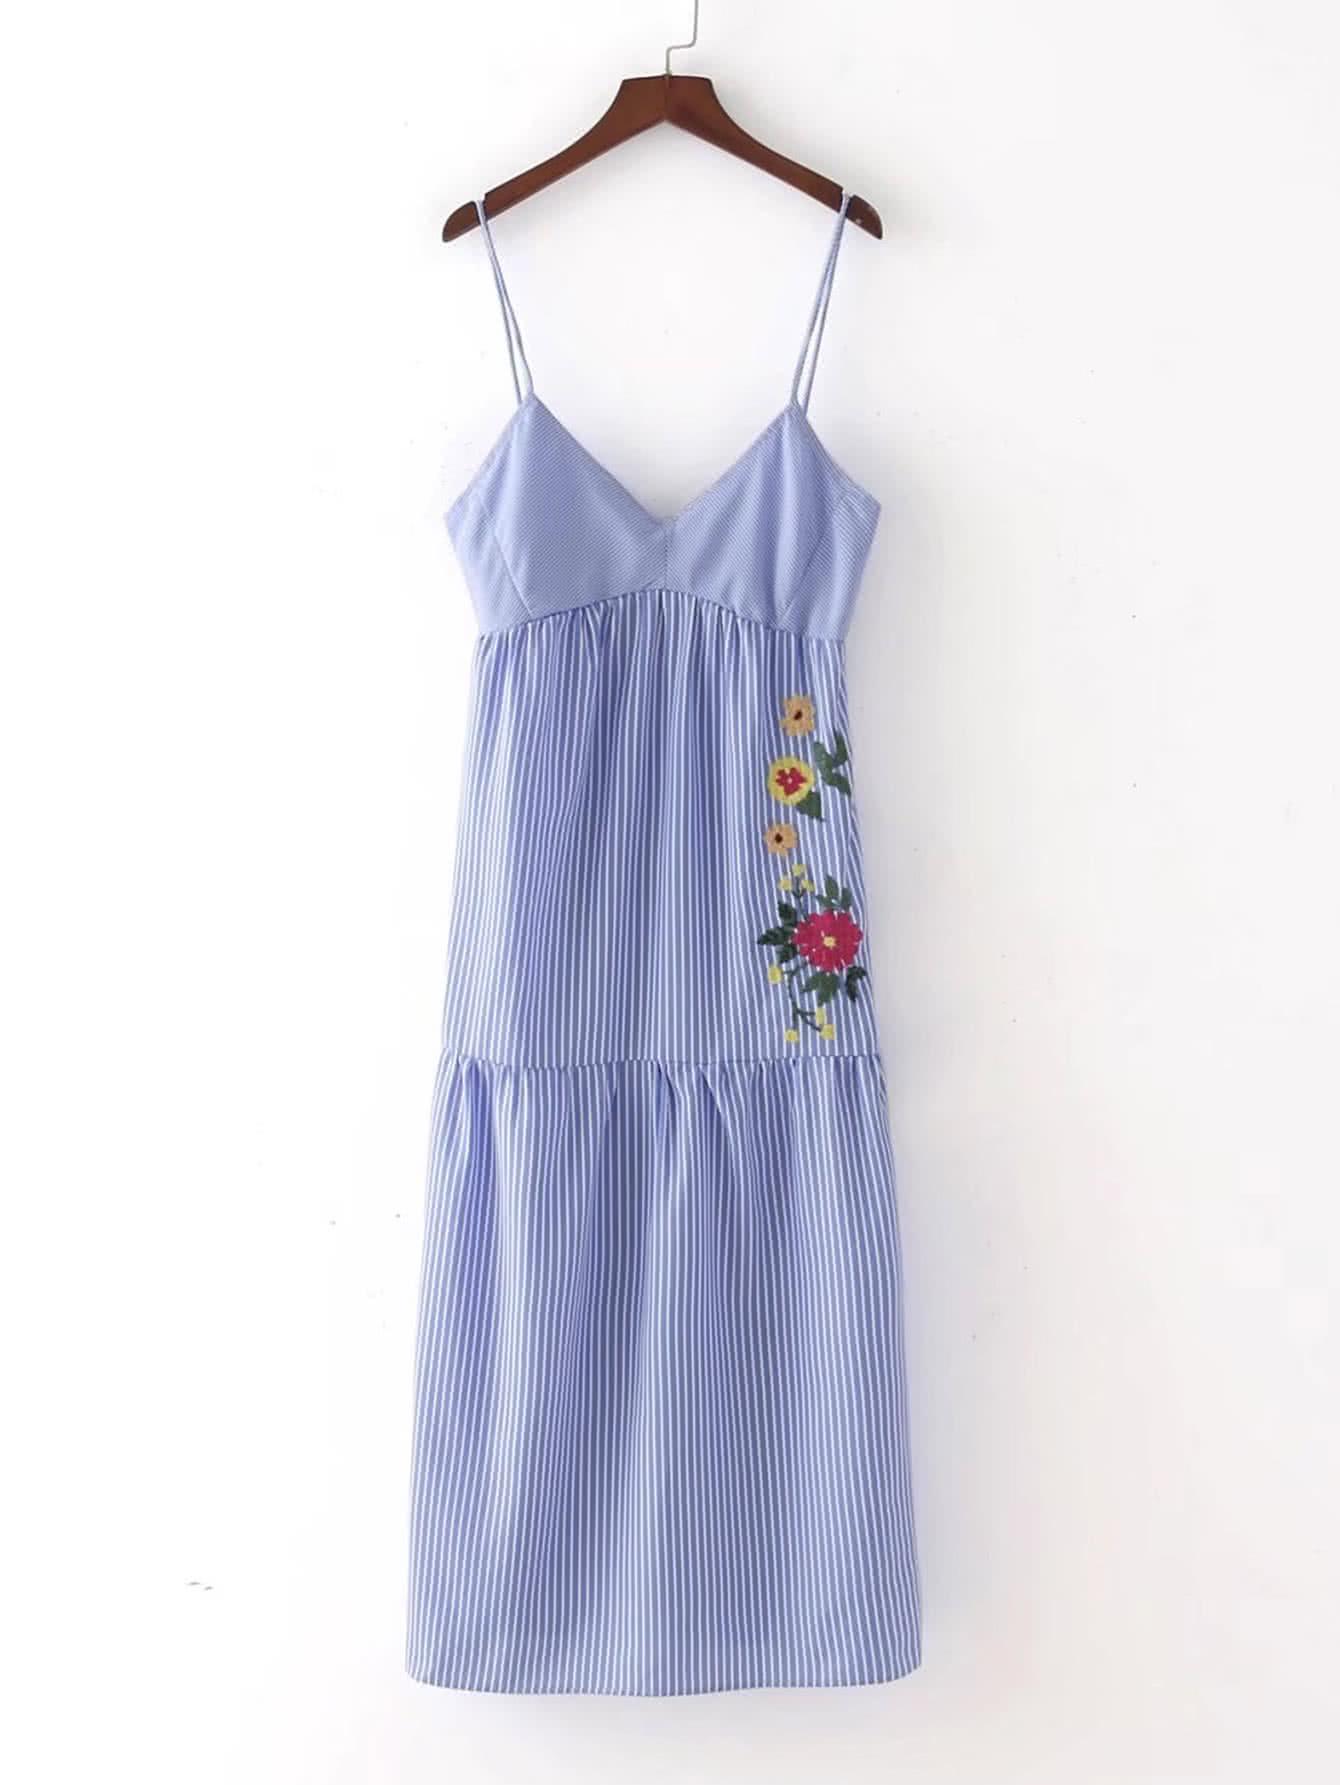 dress170519205_2